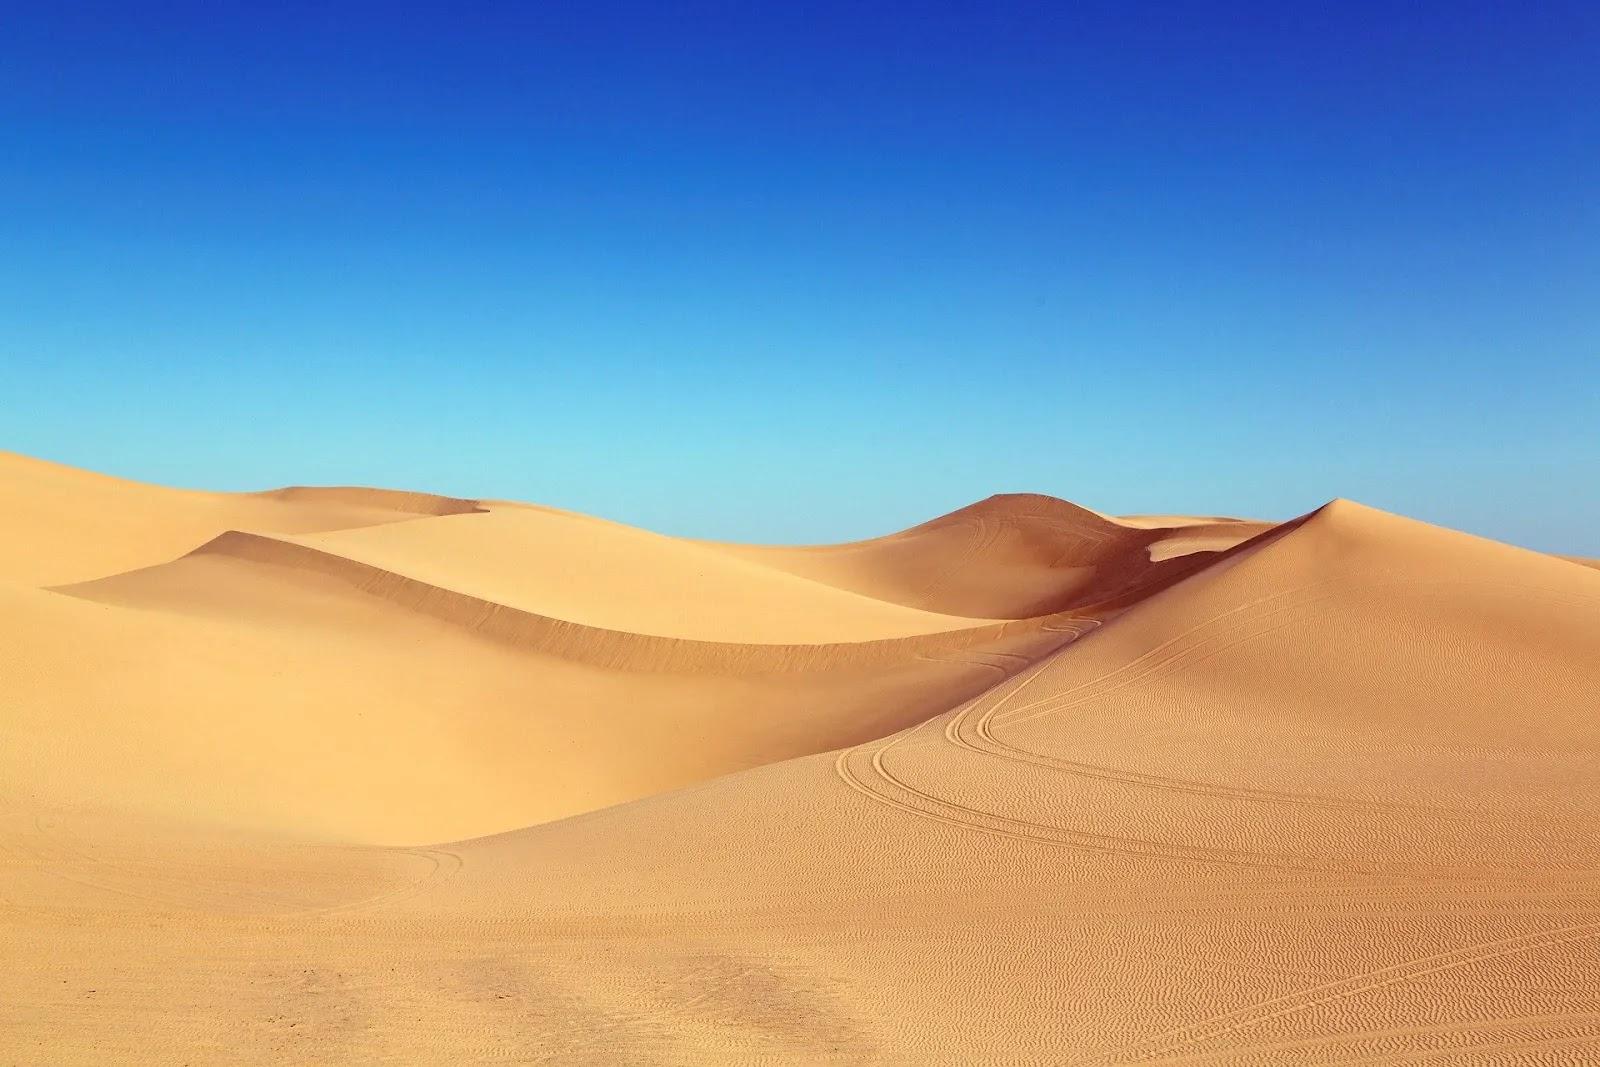 أجمل خلفيات الصحراء الجميلة لويندوز 7